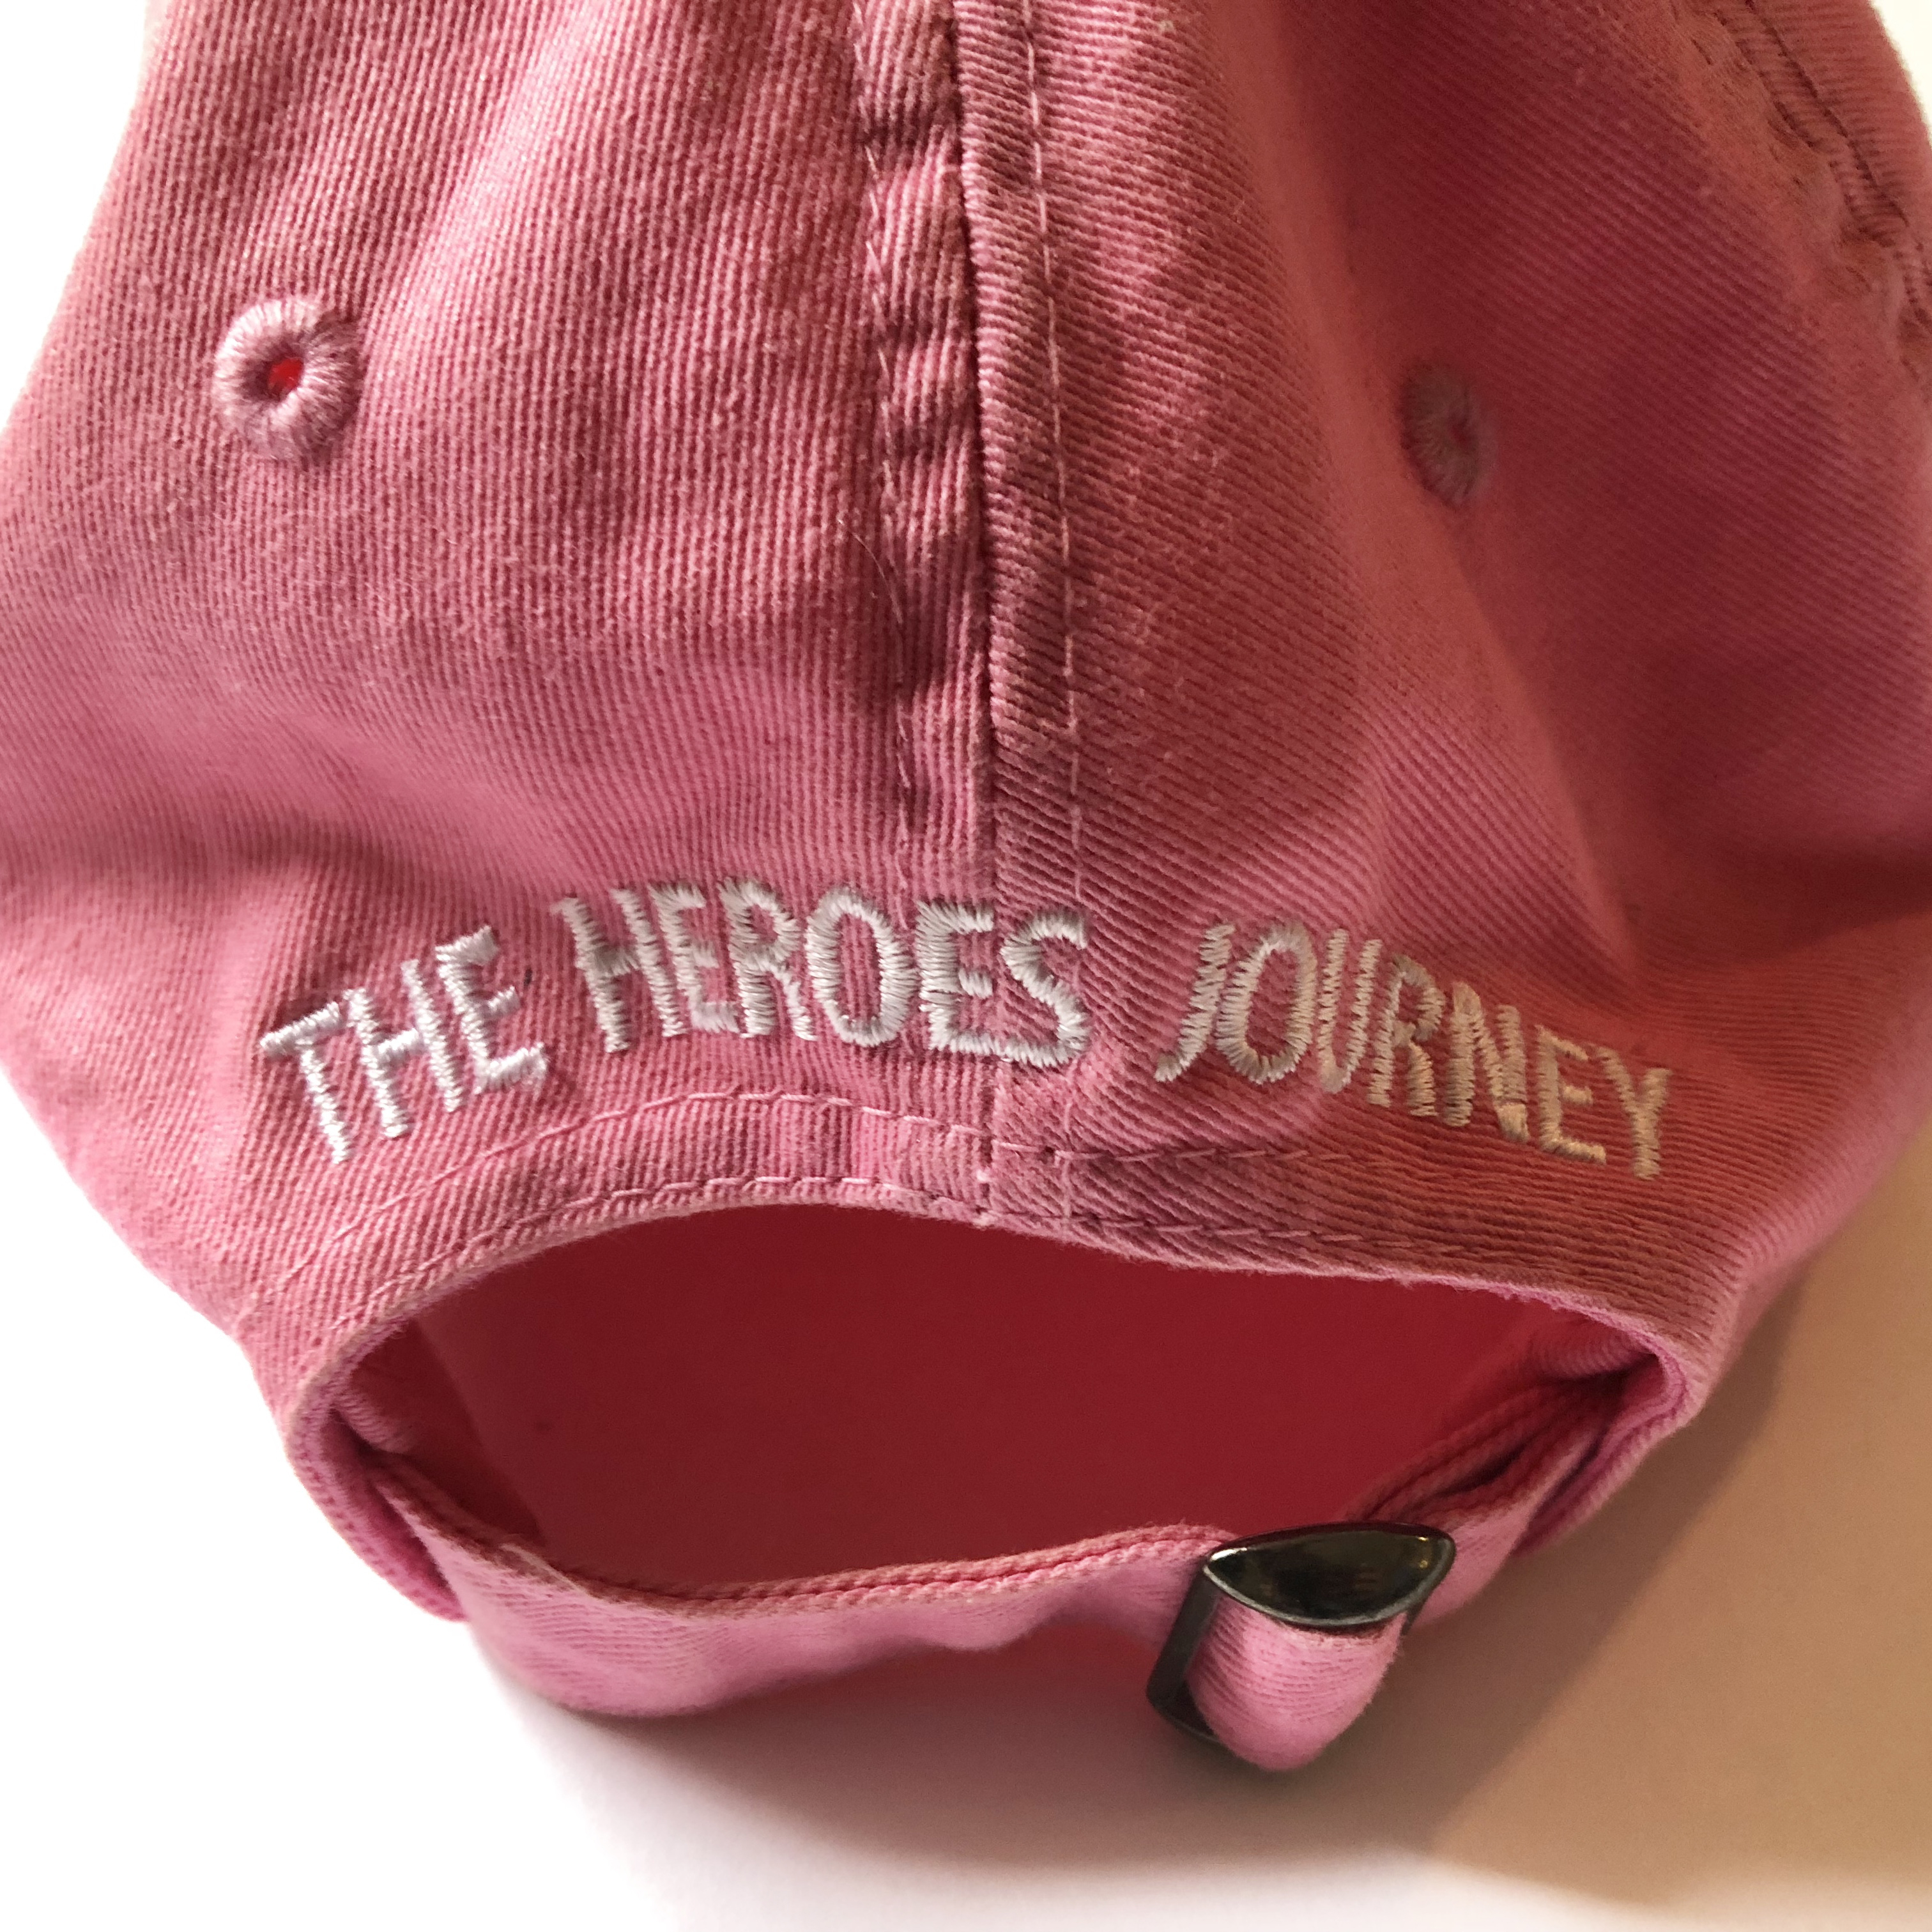 The Heroes Journey Women's Ball Cap - Pink